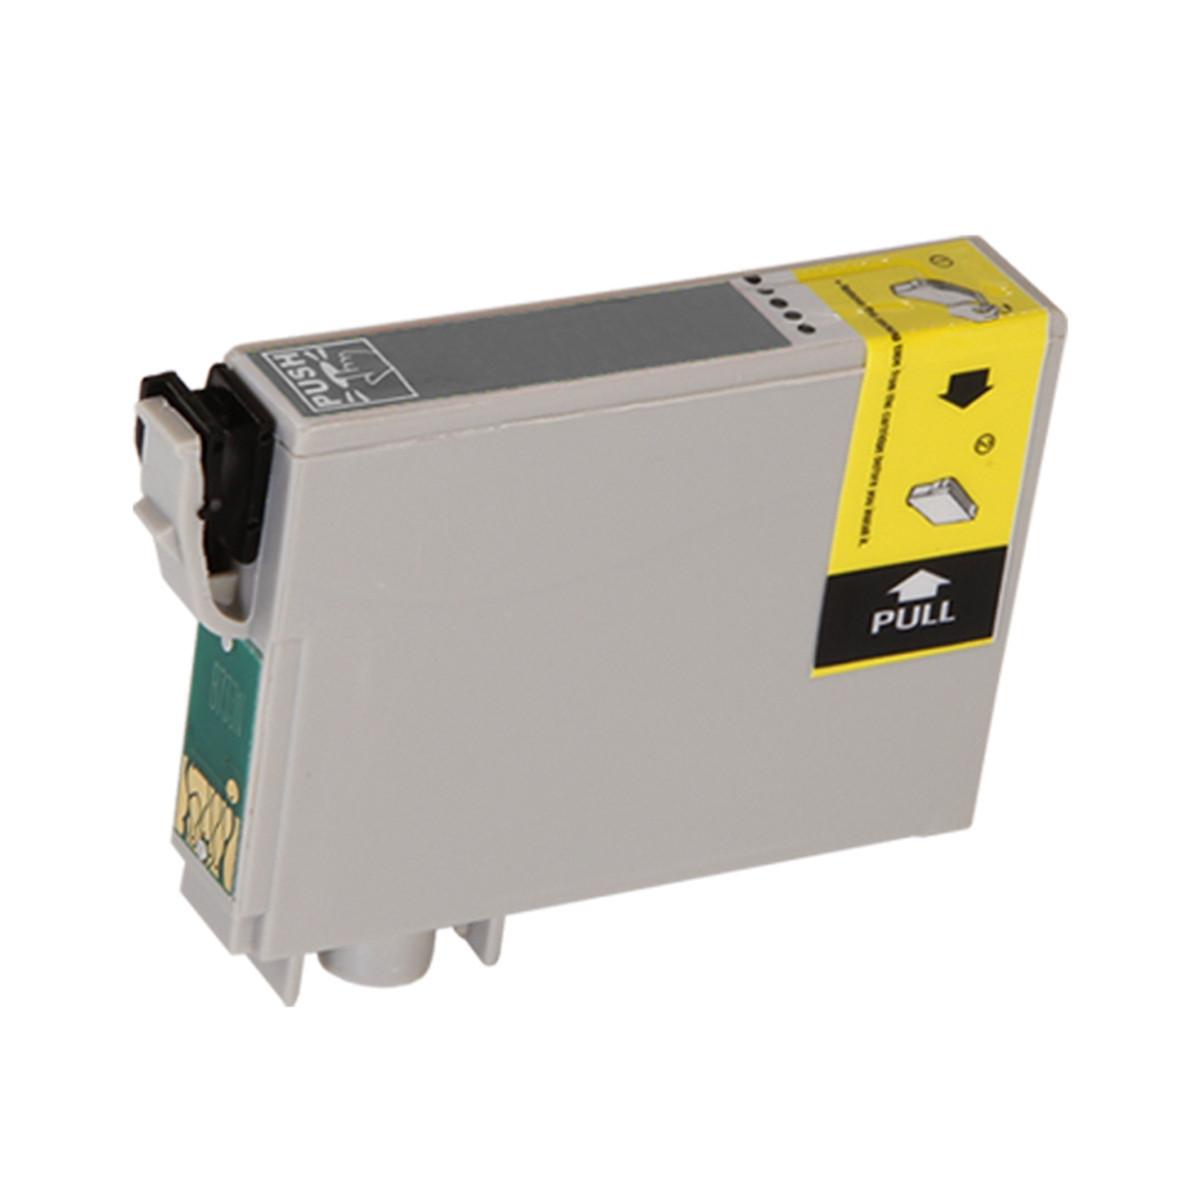 Cartucho de Tinta Epson Preto T046 T0461 T046120 | CX3500 C65 CX4500 C63 | Compatível 15ml